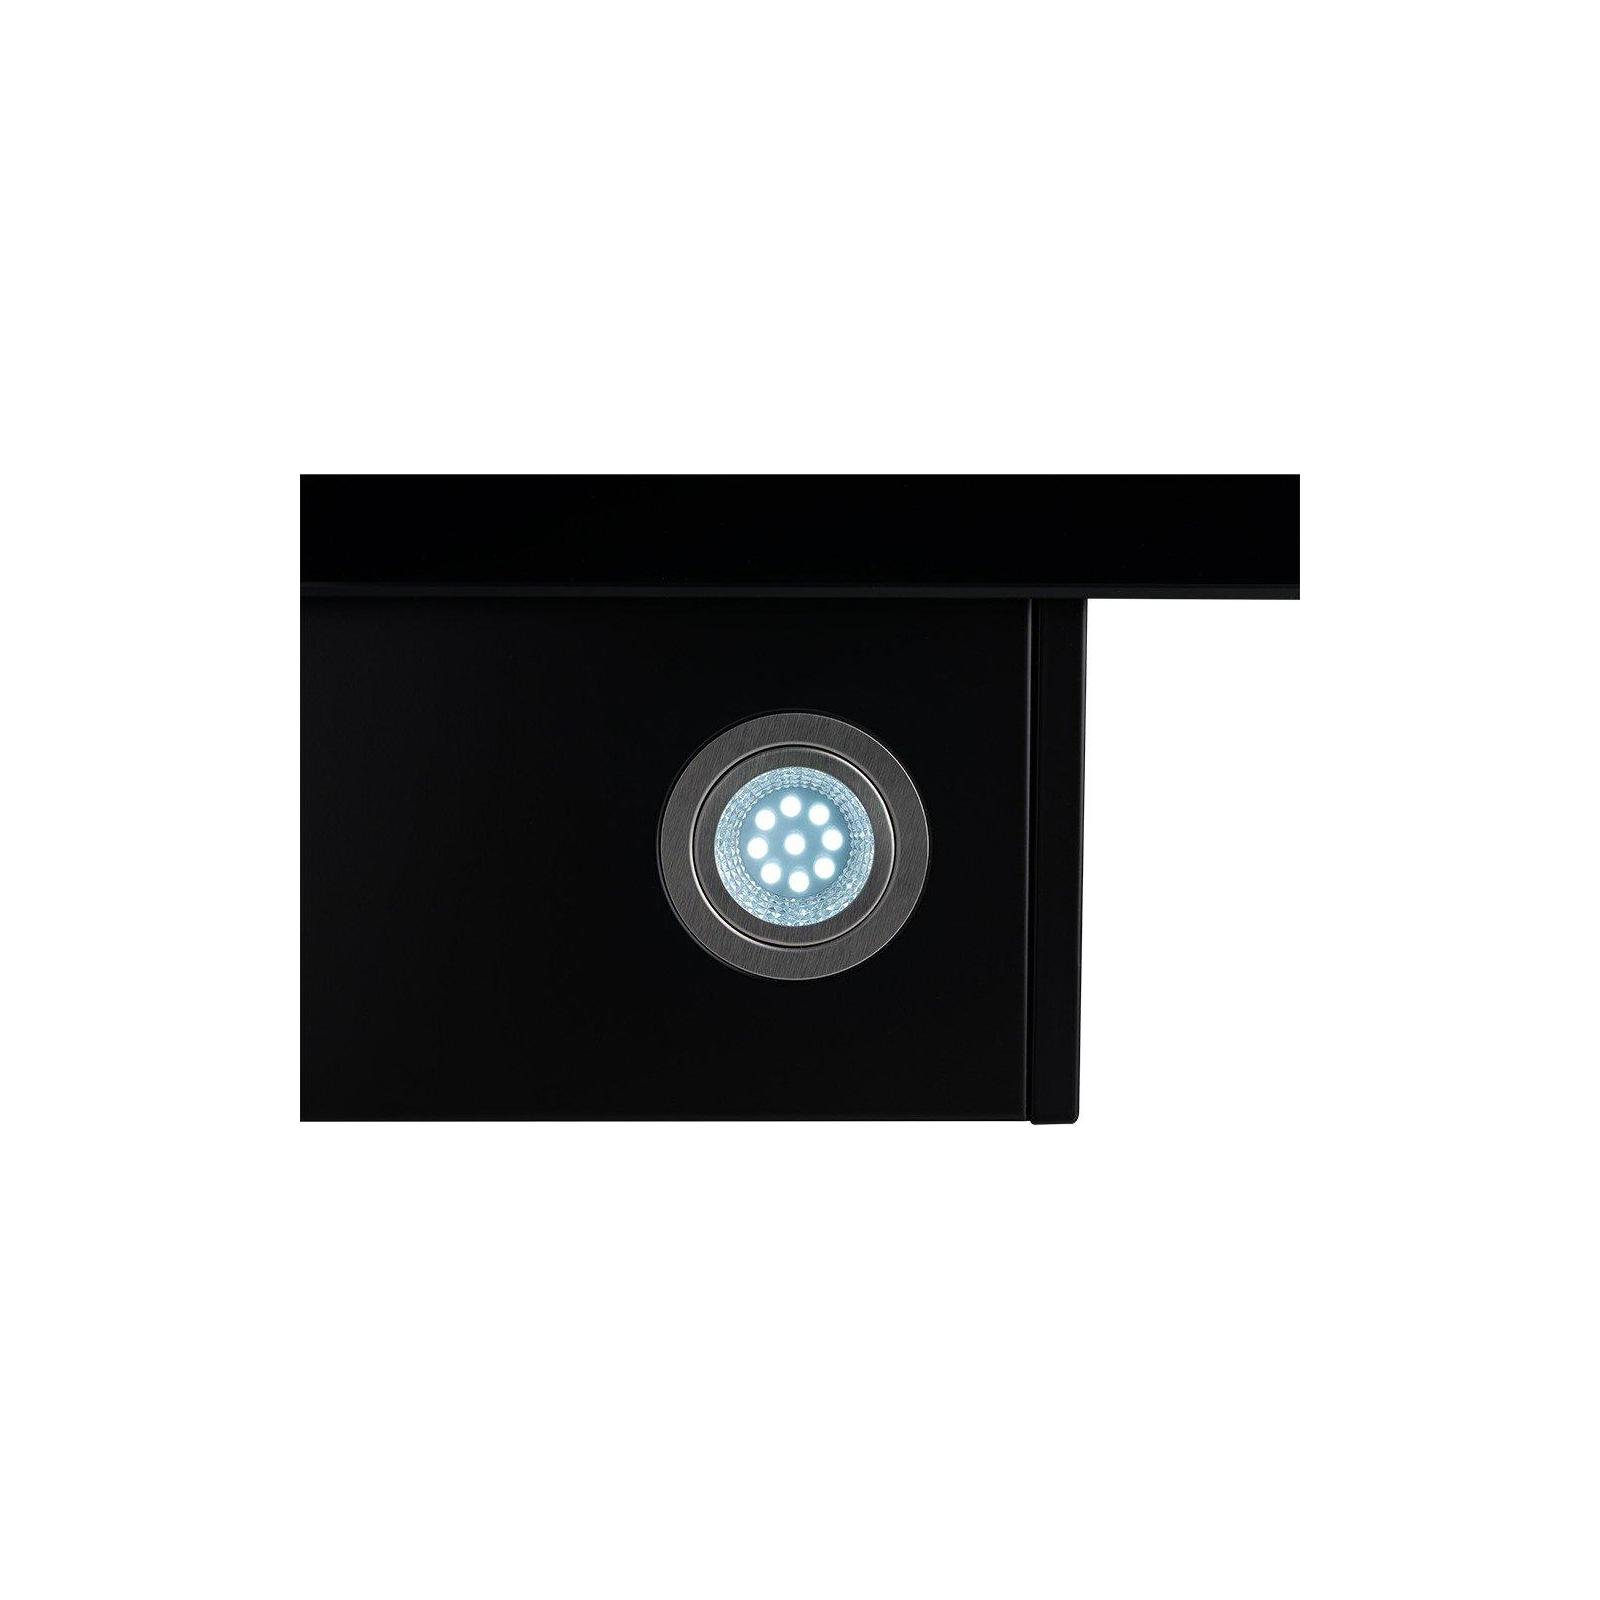 Вытяжка кухонная MINOLA HVS 6342 BL 750 LED изображение 5